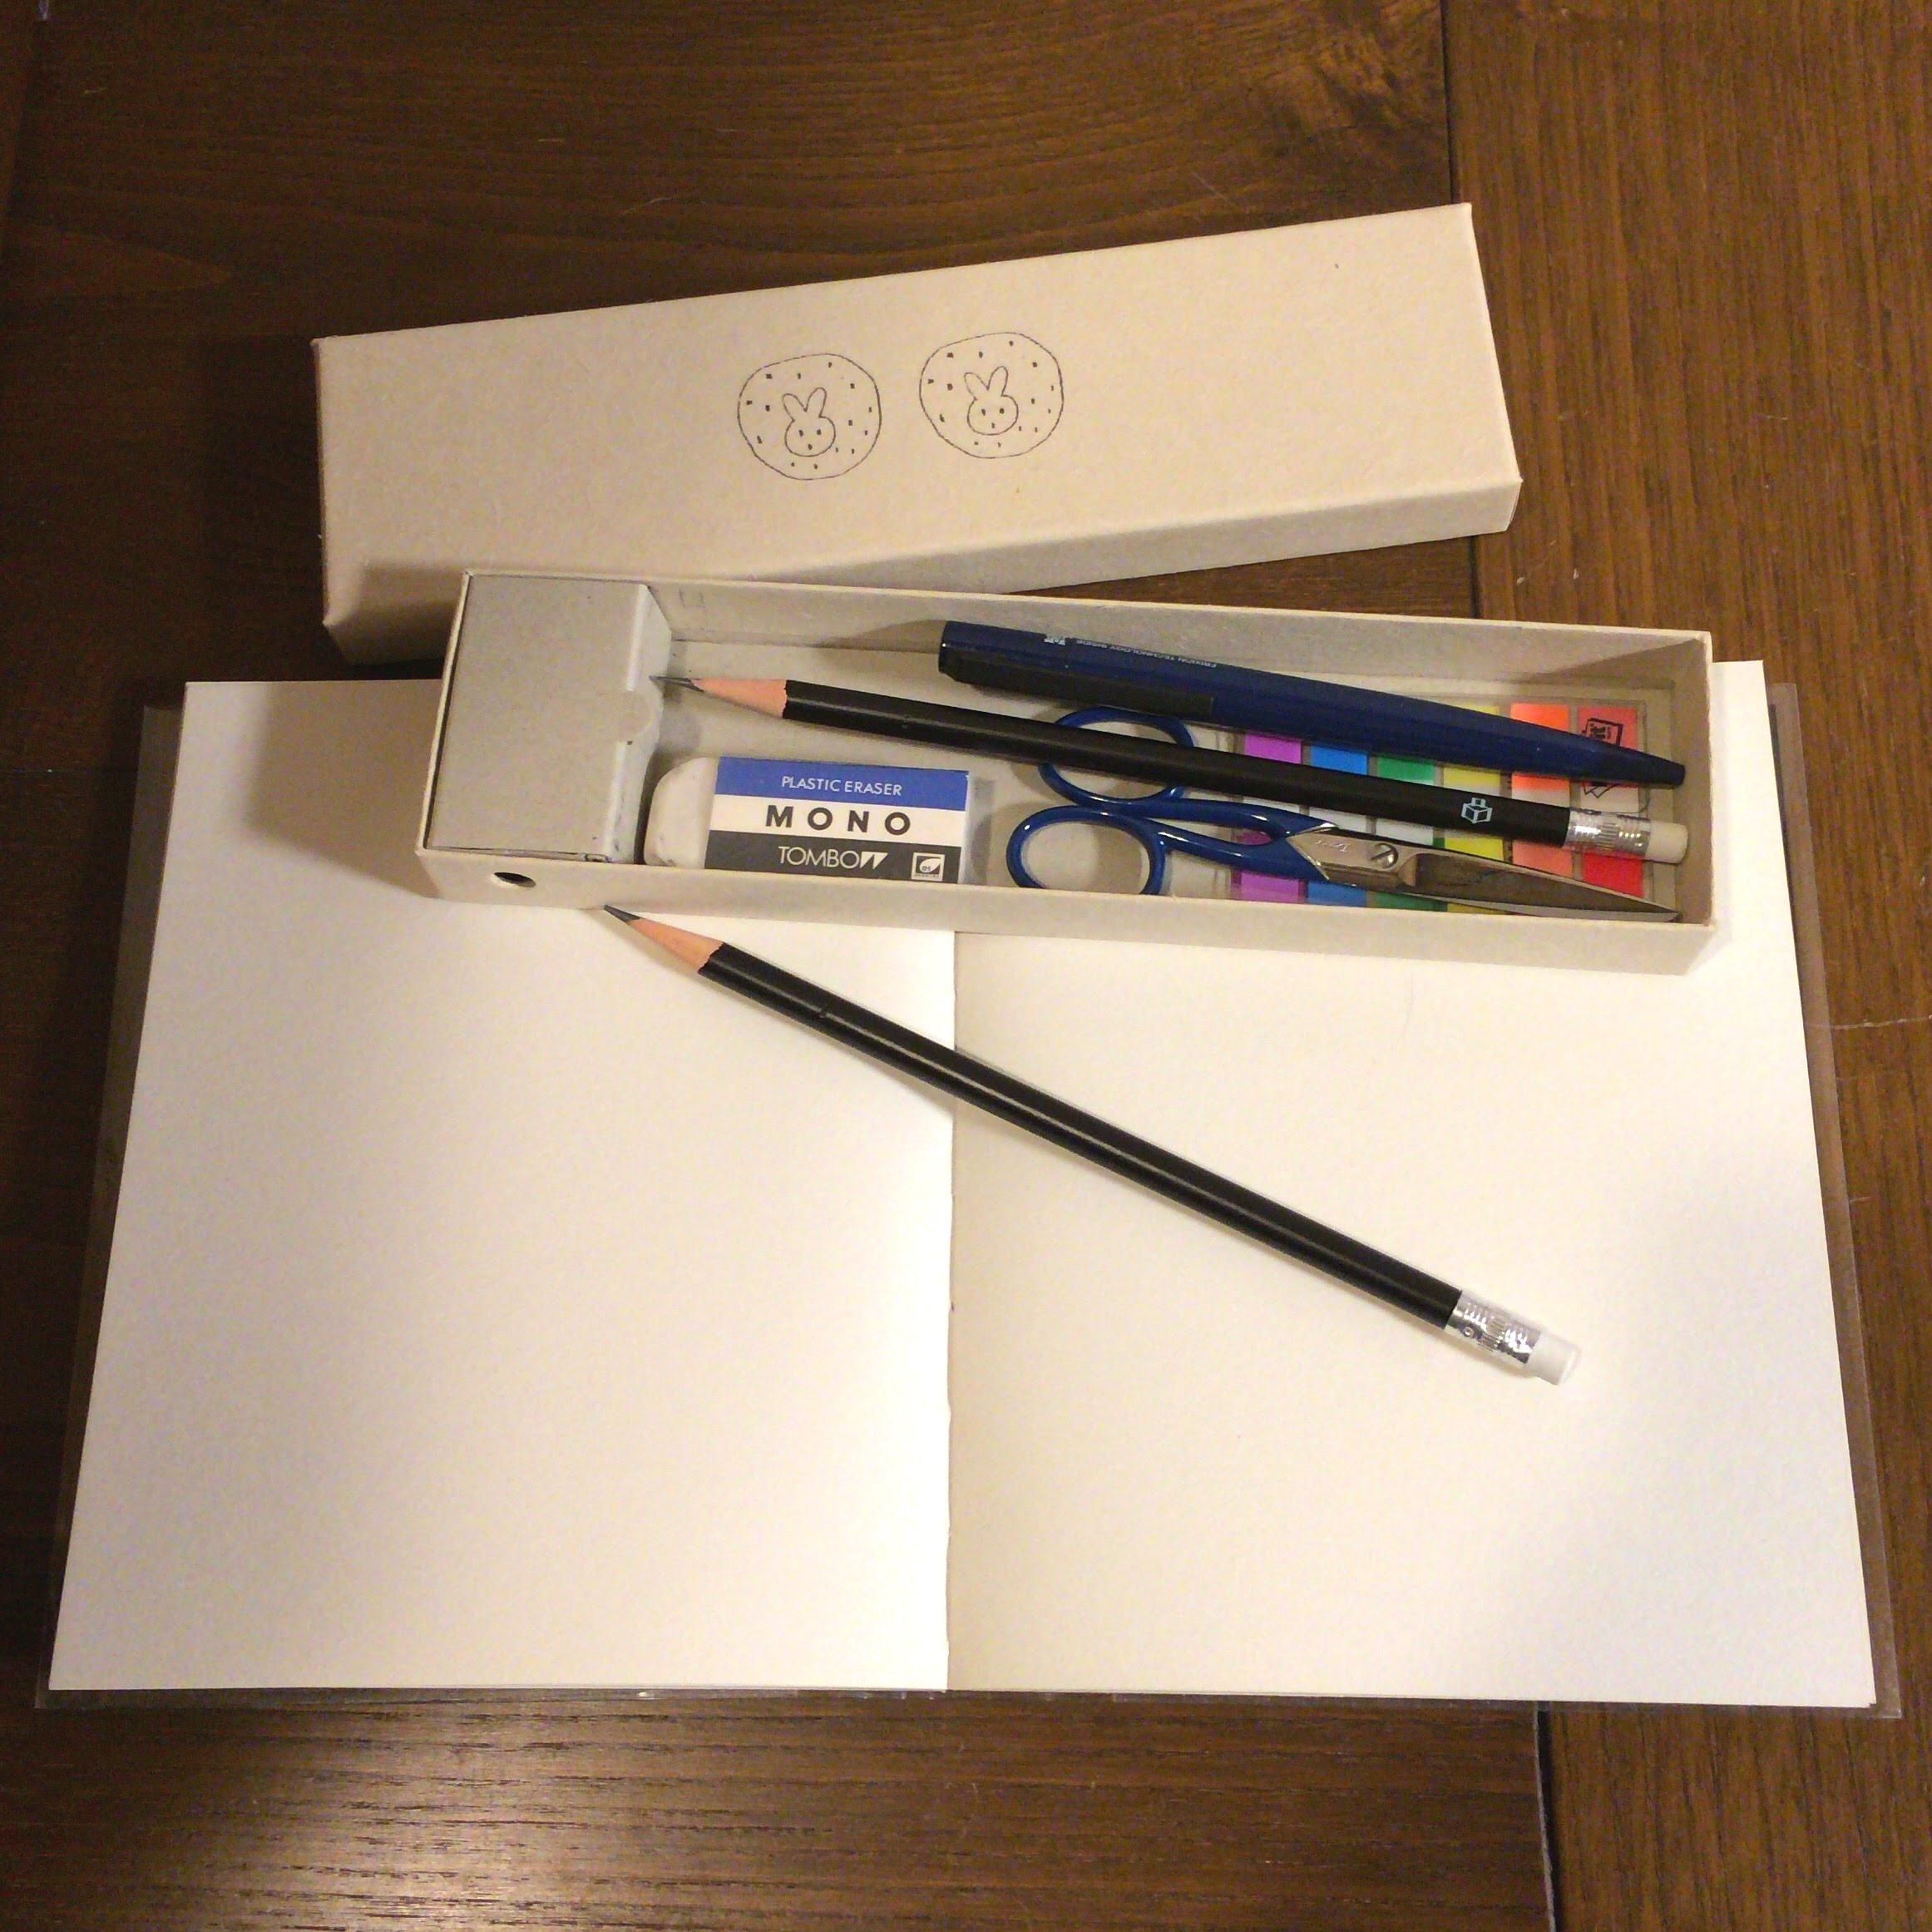 【 紙製品 ペンシルボックスセット 】